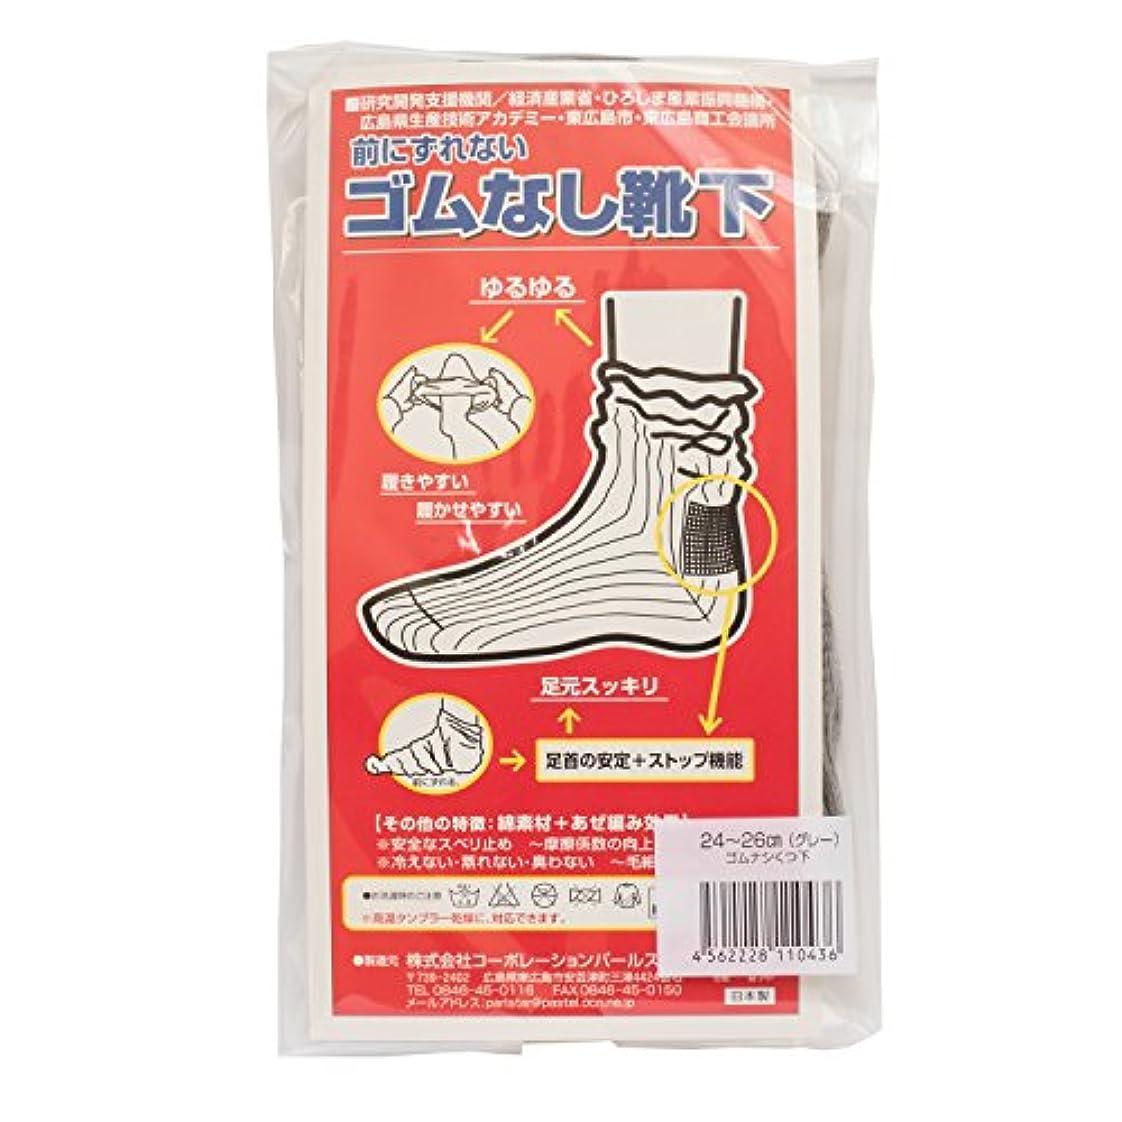 ゴルフドリル売上高コーポレーションパールスター 前にずれない ゴムなし靴下 グレー 24~26cm